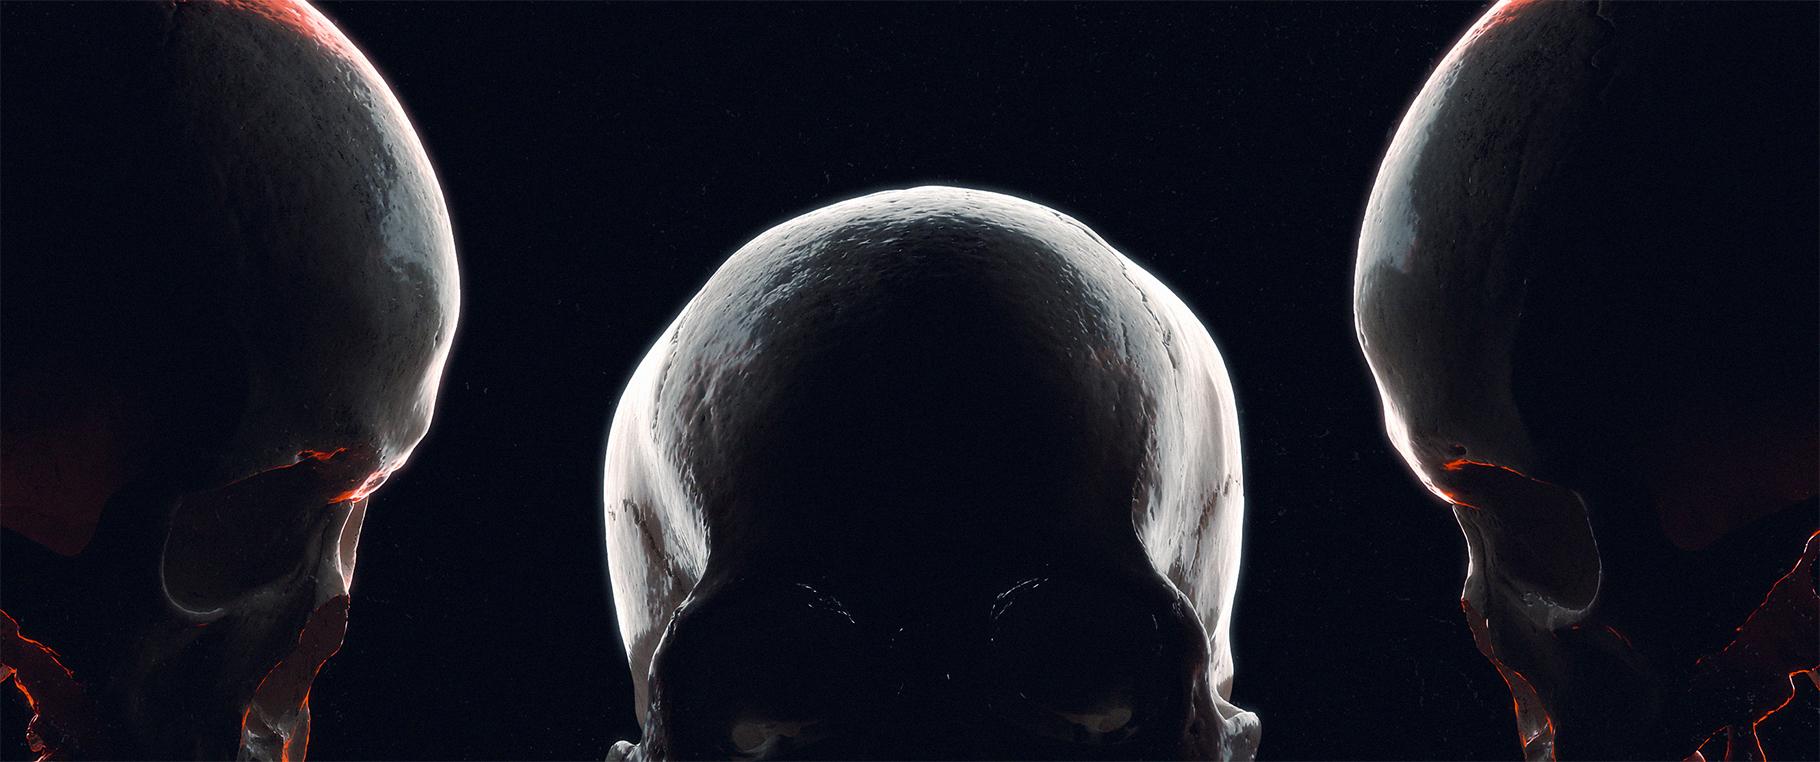 01_December_Materialthon_17_Bone_frame.jpg